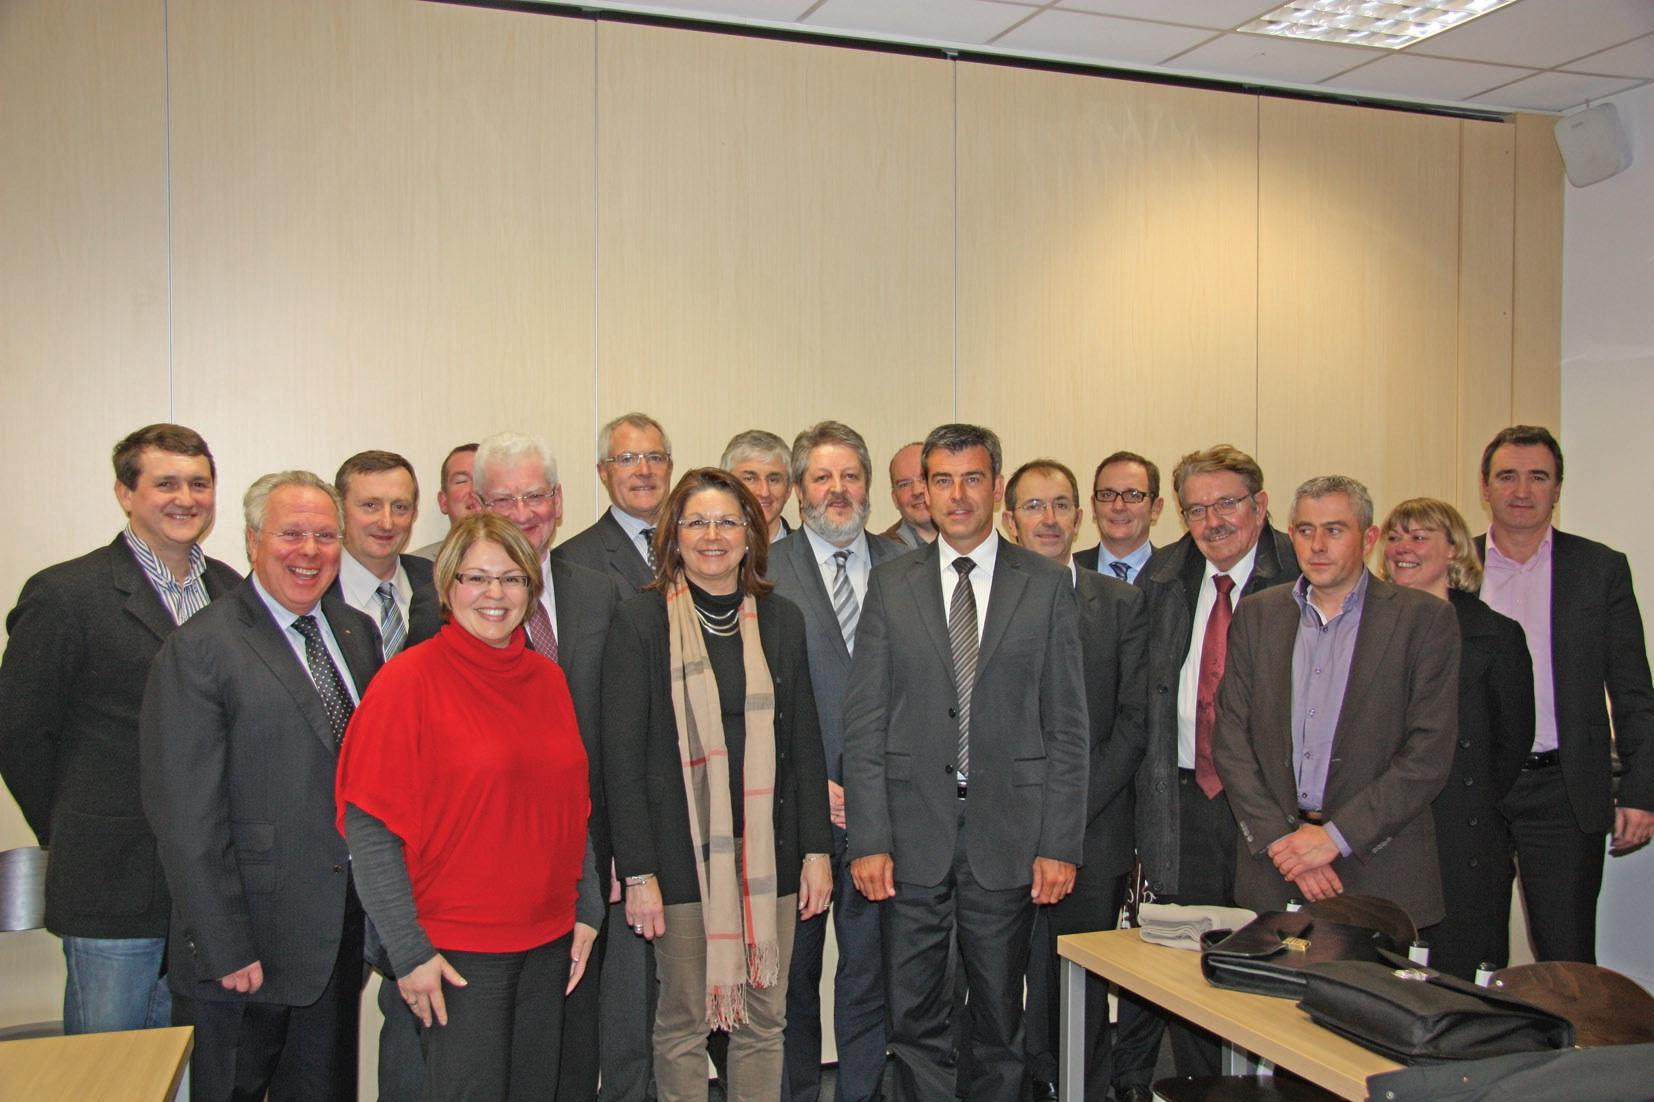 Les membres du conseil d'administration de la Chambre syndicale de la Fnaim 62 à l'issue de la réunion au cours de laquelle ils ont porté à leur tête Alain Potier.